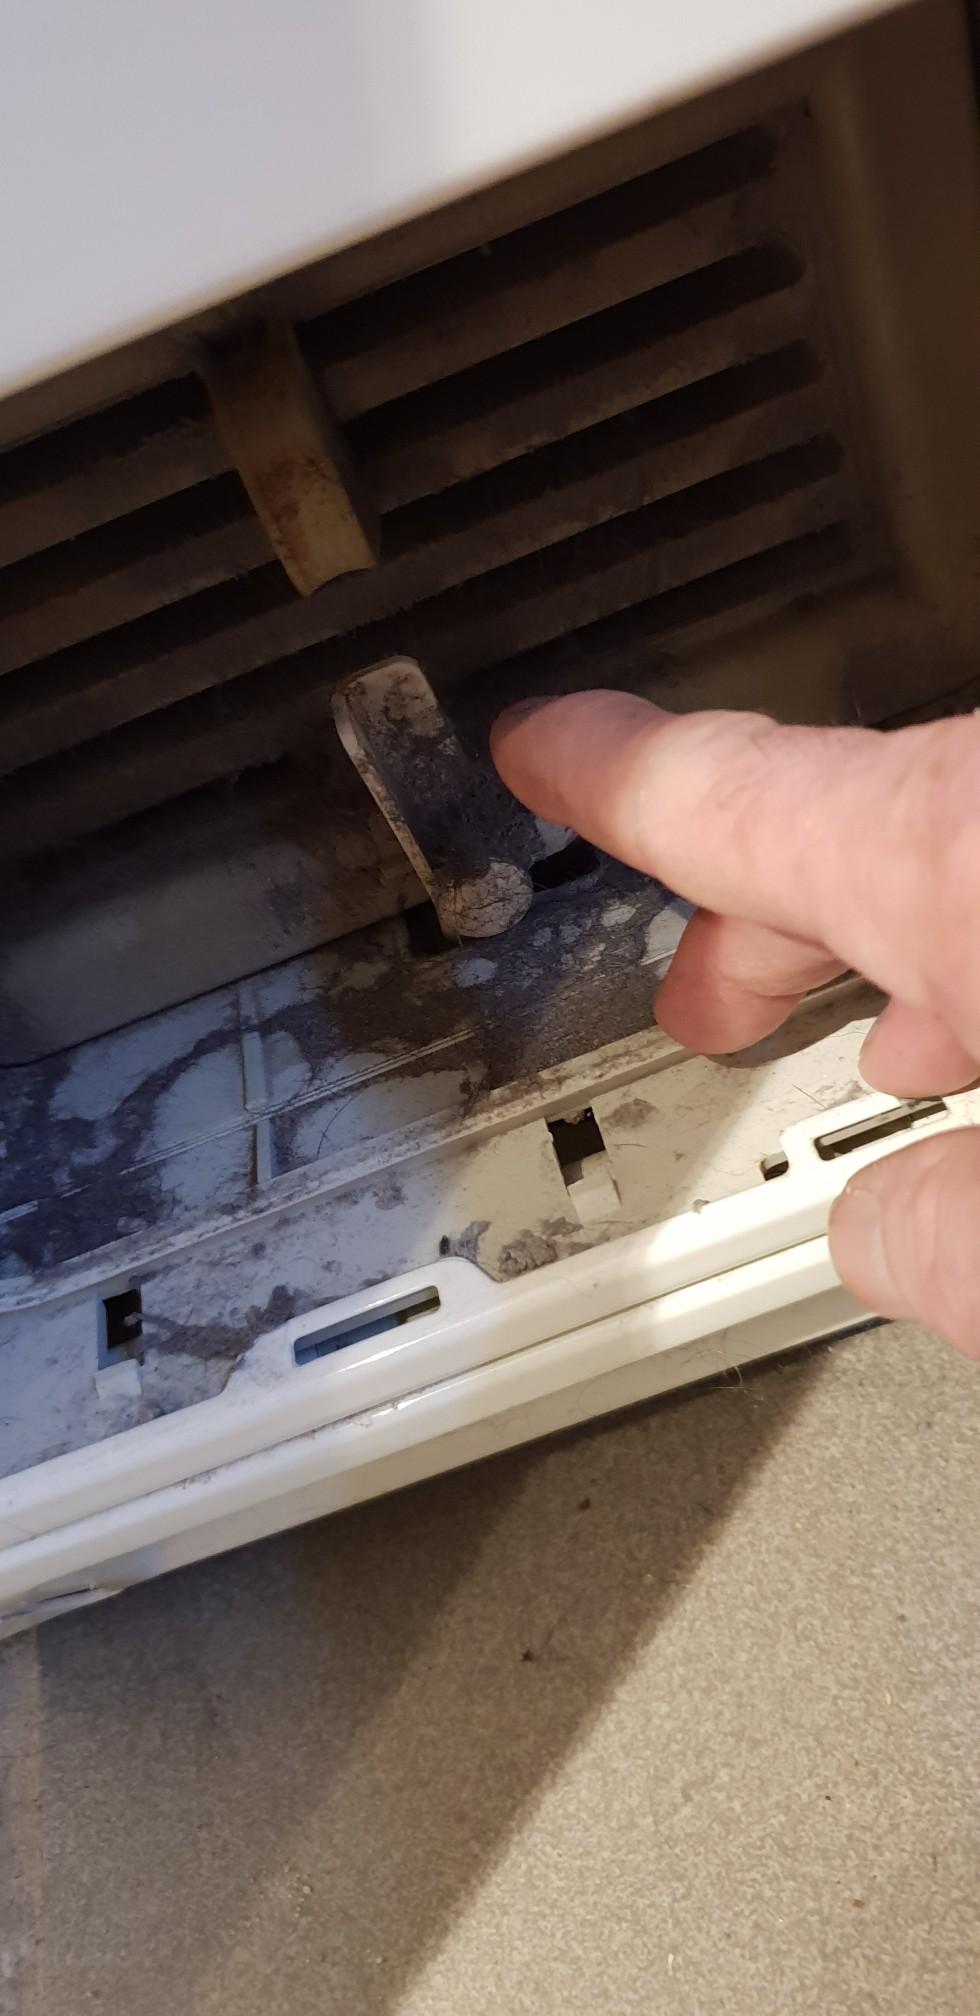 Rens af kondenser på tørretumbler